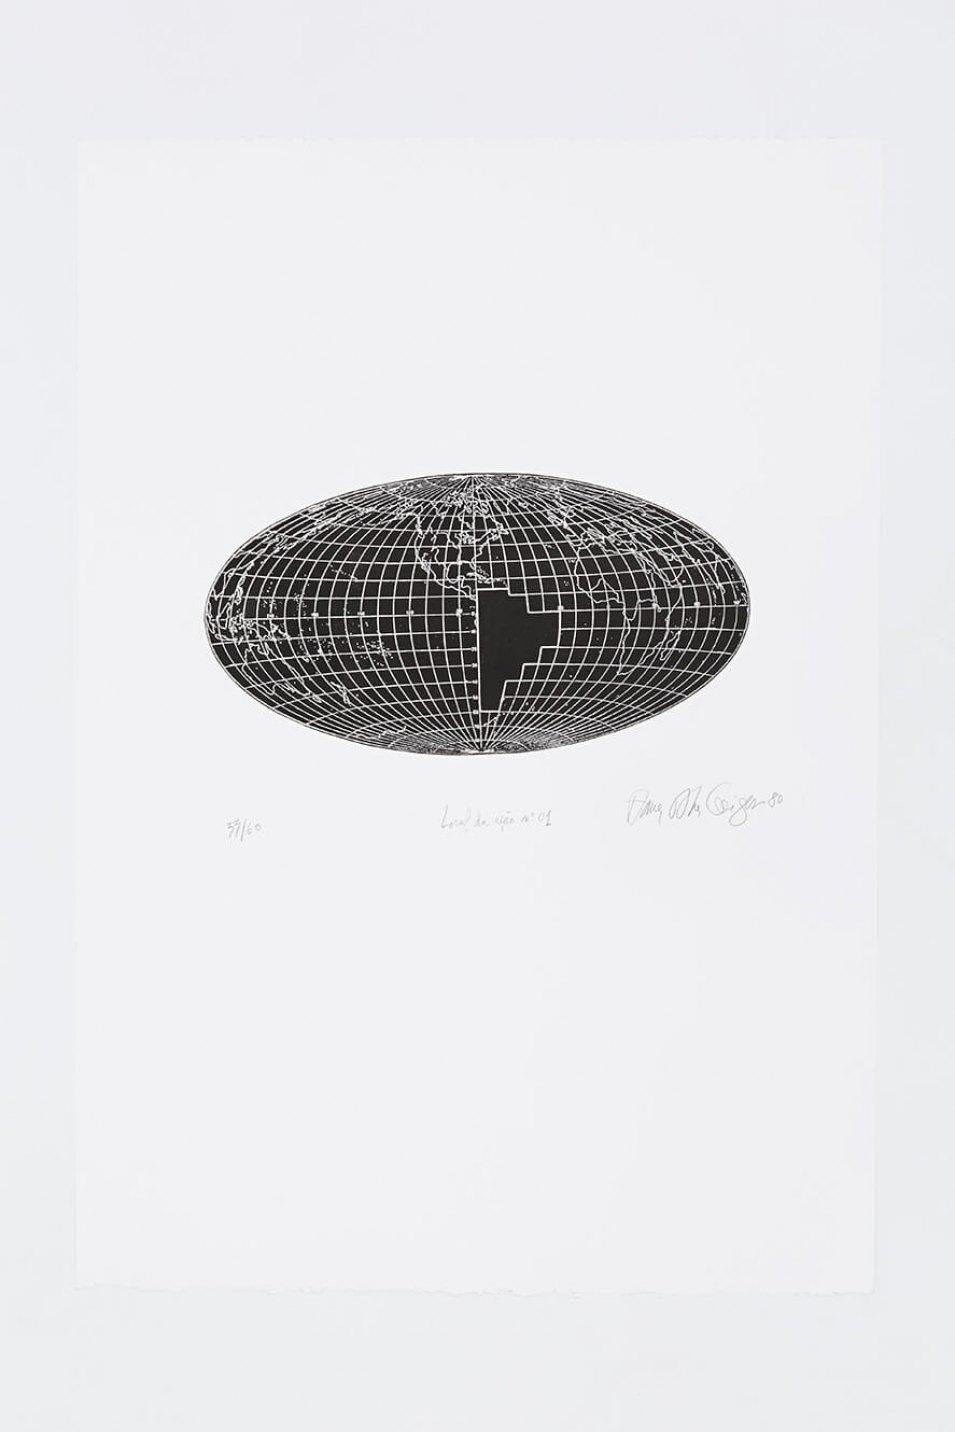 Anna Bella Geiger,<em>Local de ação n.01</em>, 1976,engraving on metal,94,5 × 70 cm - Mendes Wood DM